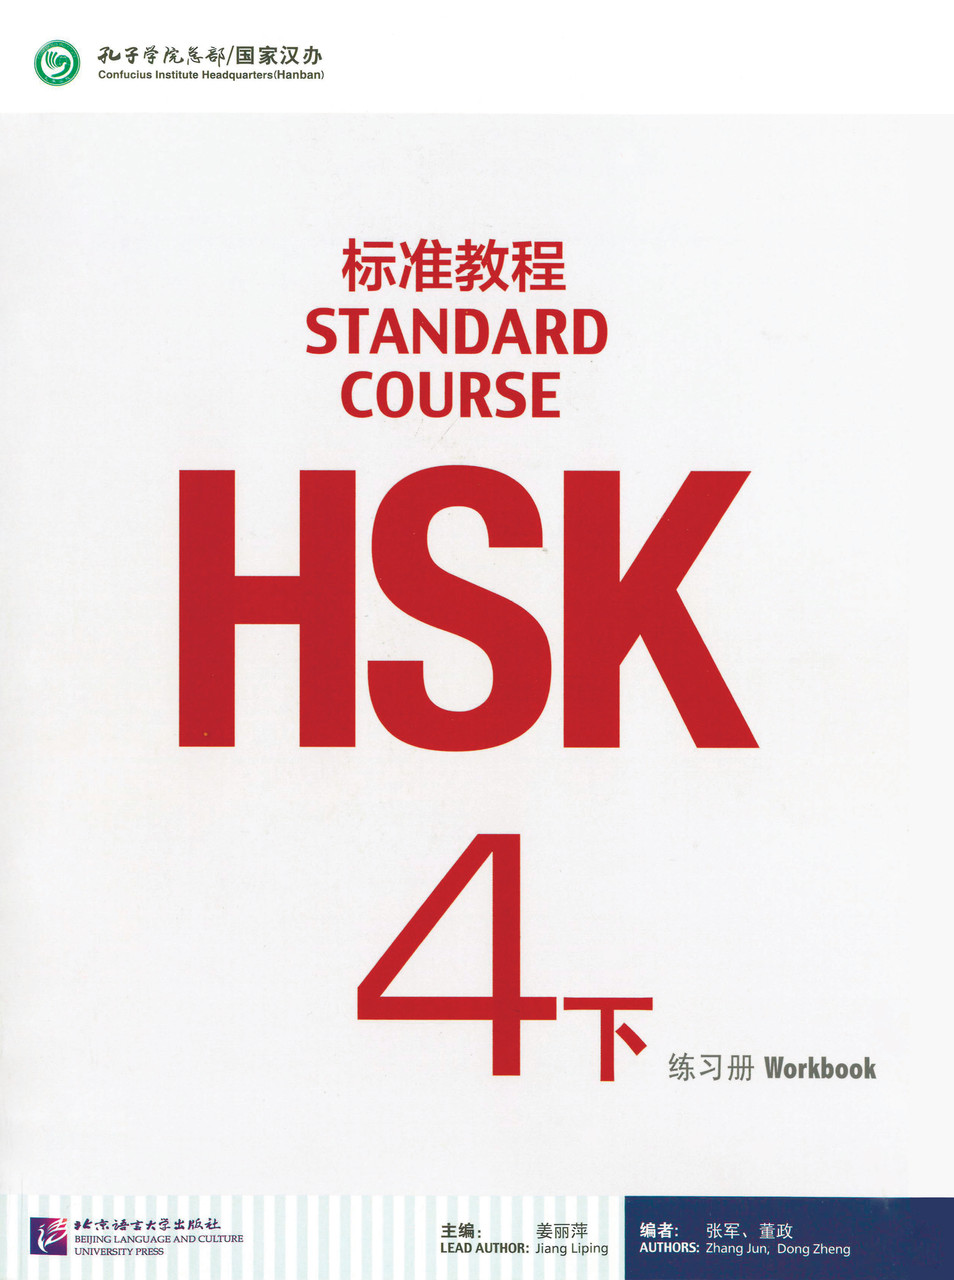 HSK Standard course 4B Workbook Рабочая тетрадь для подготовки к тесту по китайскому четвертого уровня